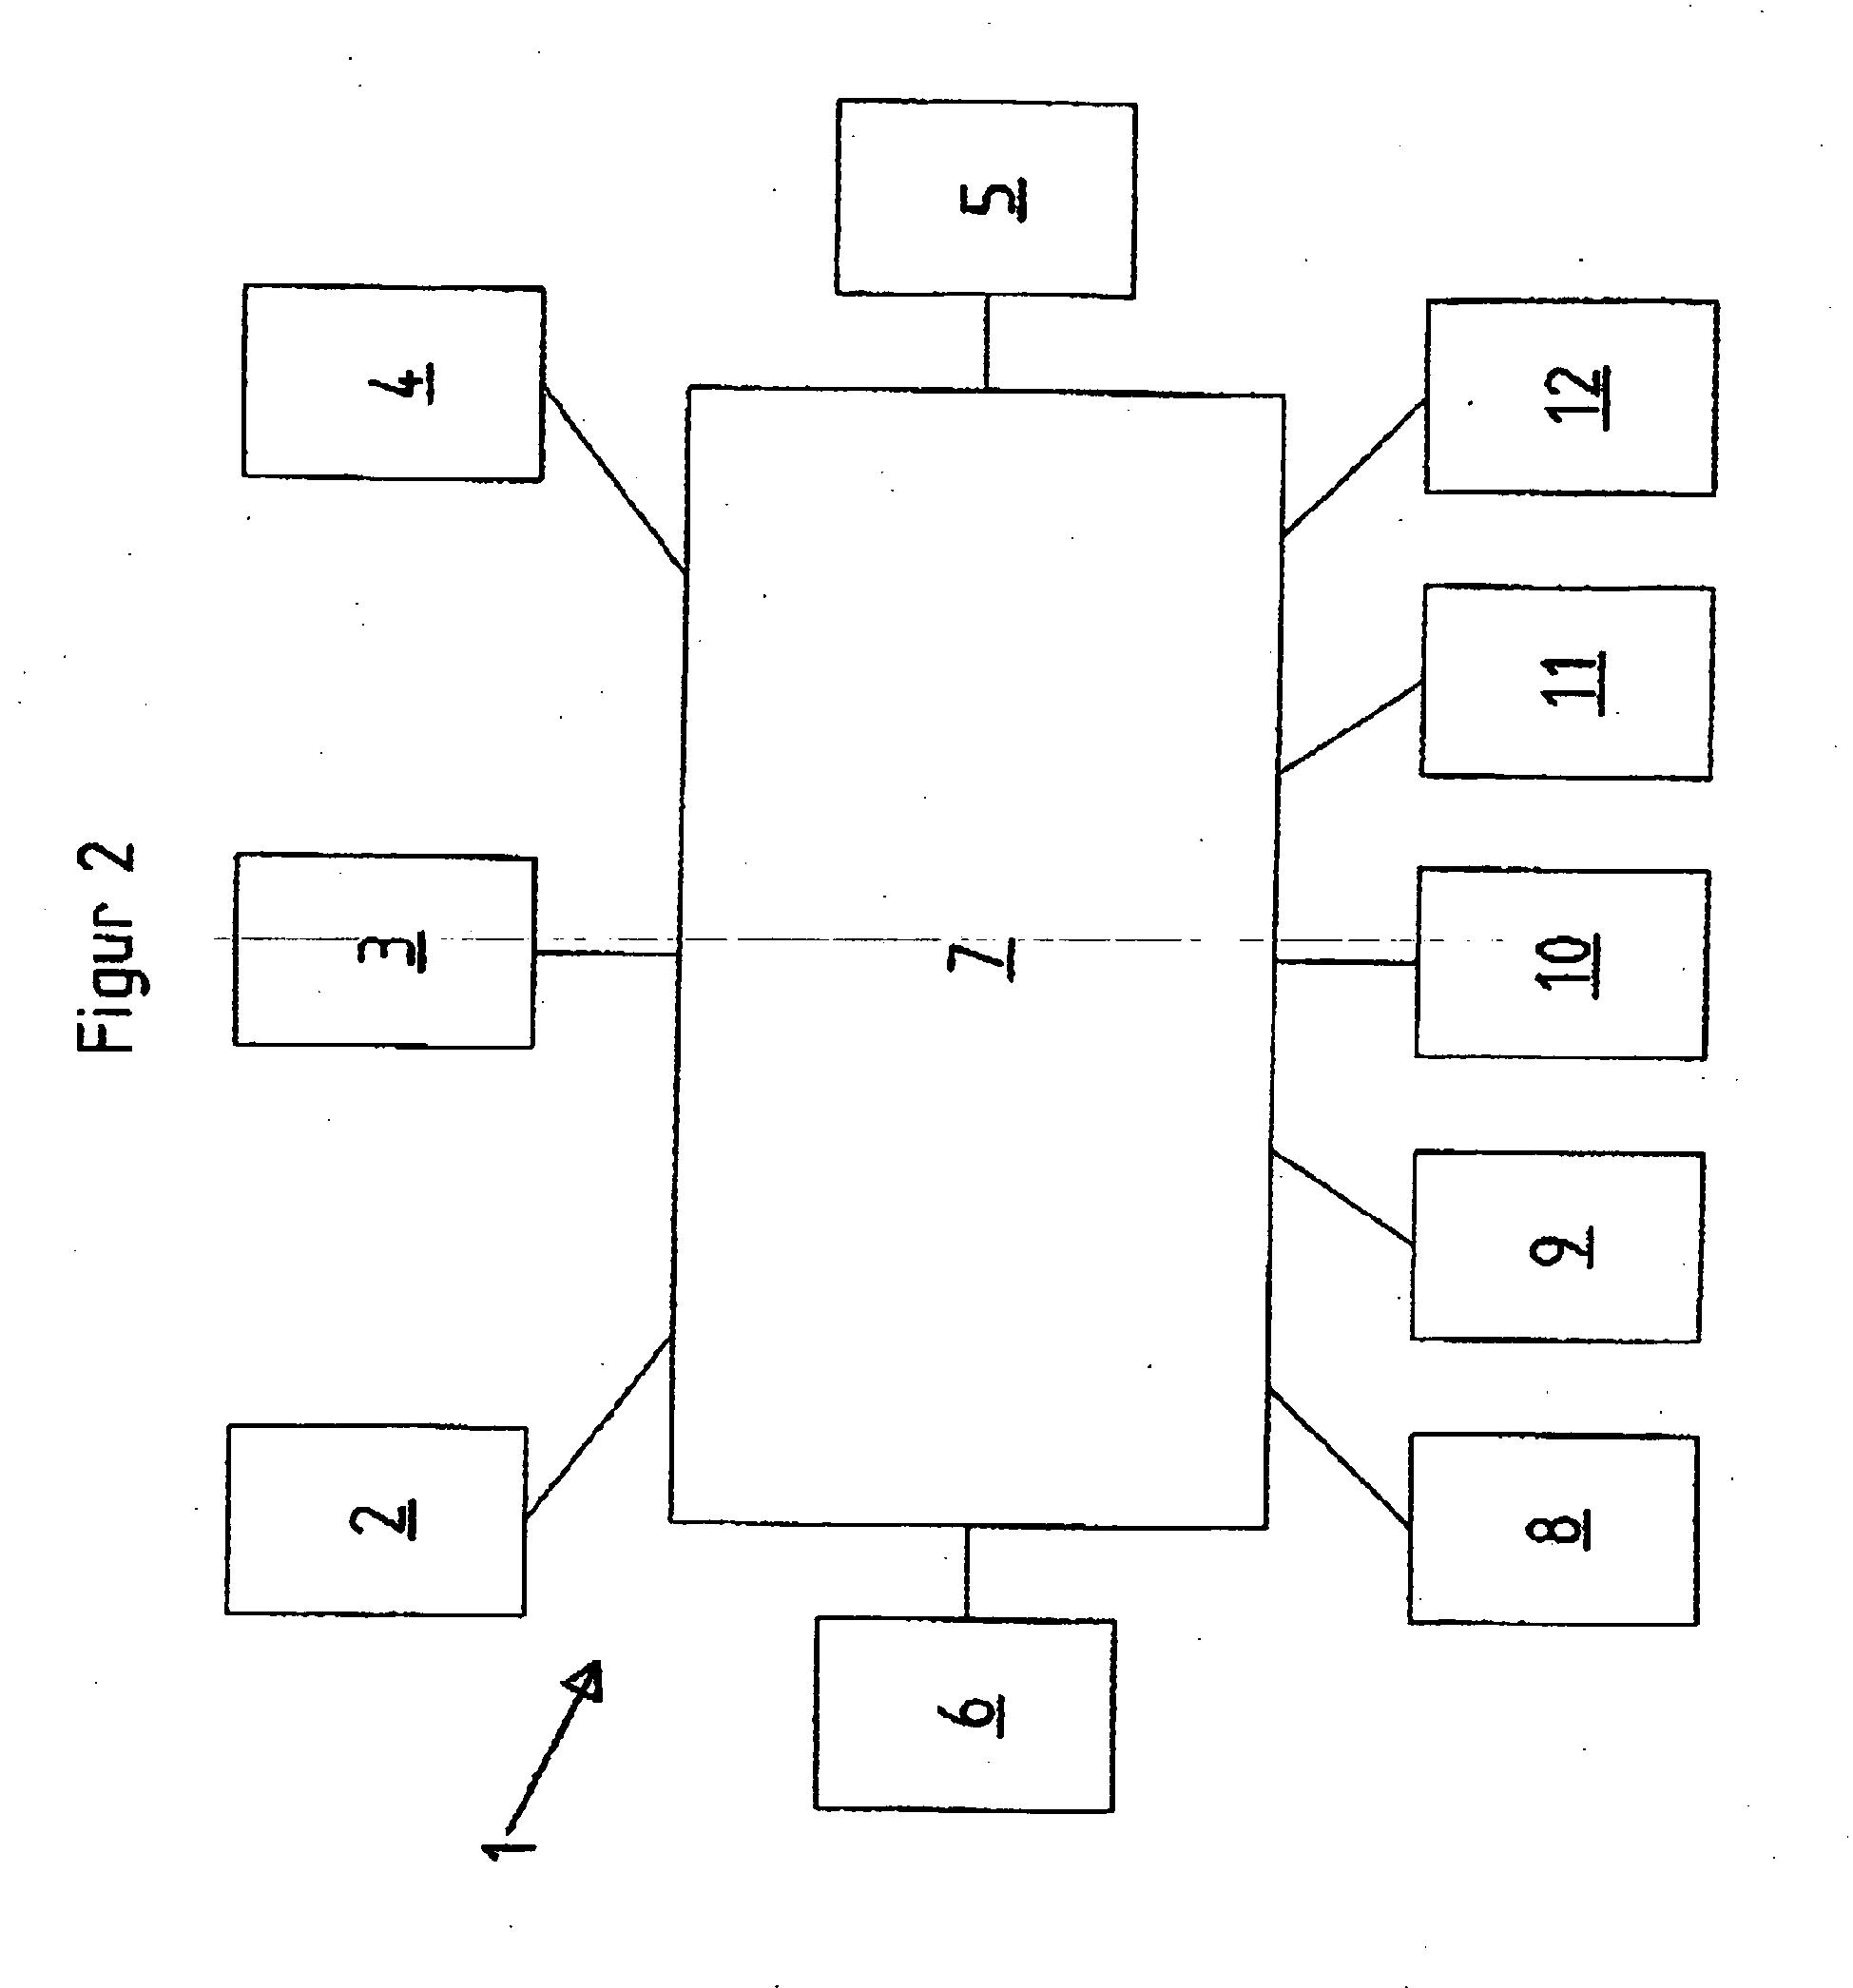 patent ep1878979b1 verfahren und vorrichtung zum kontrollierten l ften gegen schimmelbildung. Black Bedroom Furniture Sets. Home Design Ideas